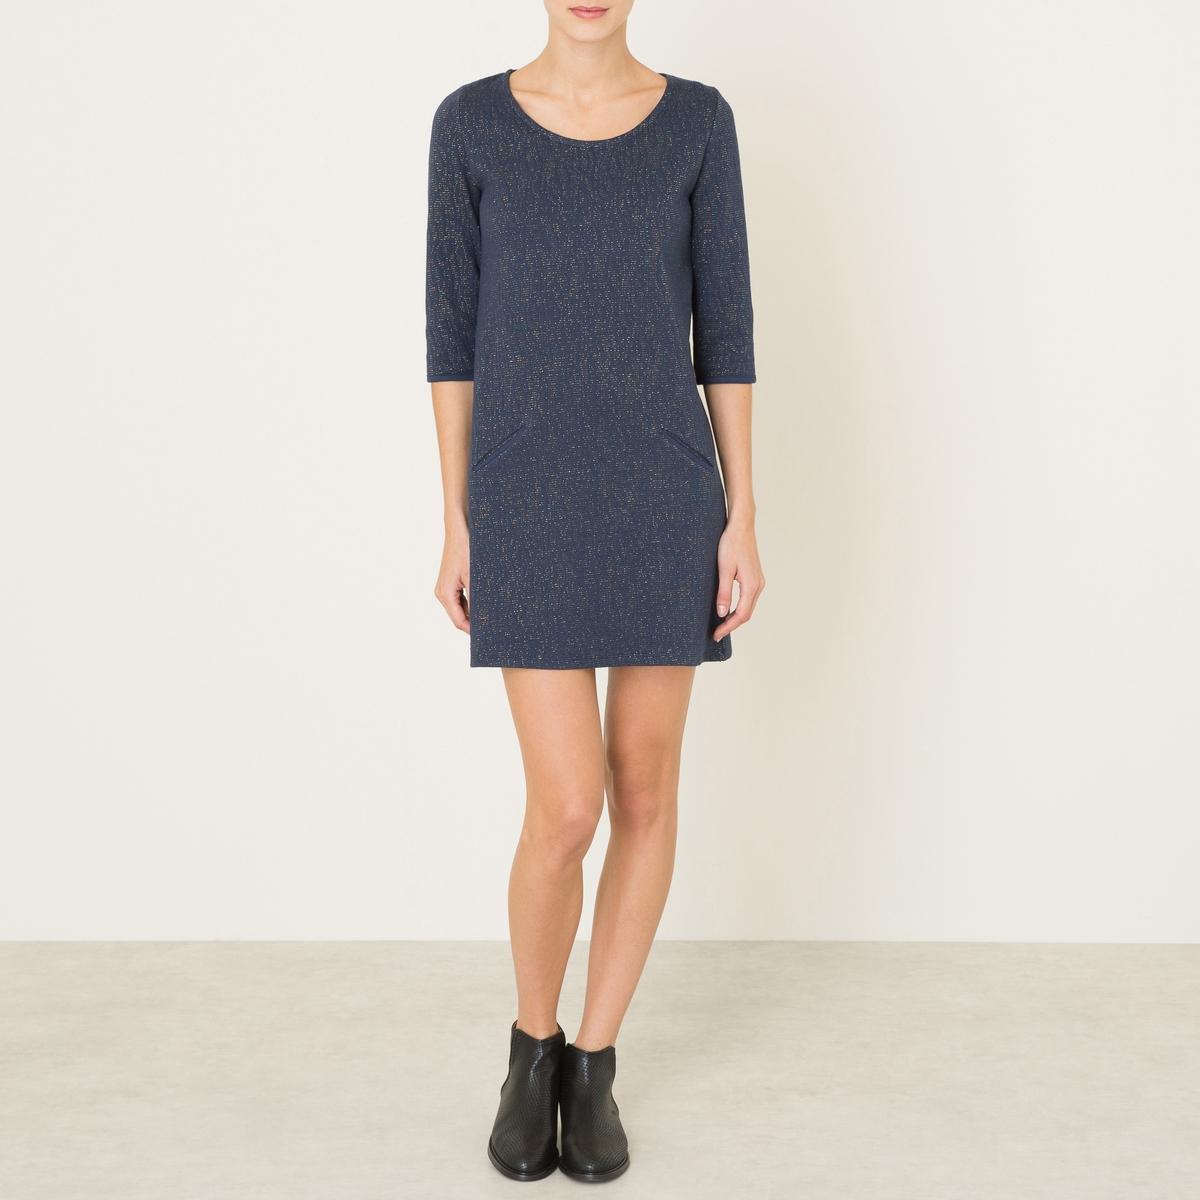 Платье MINE D'ORСостав и описание Материал : 75,% хлопка, 12,8% полиамида, 7,5% волокон с металлическим блеском золотистого цвета, 4,5% лайкрыМарка : BLUNE<br><br>Цвет: темно-синий